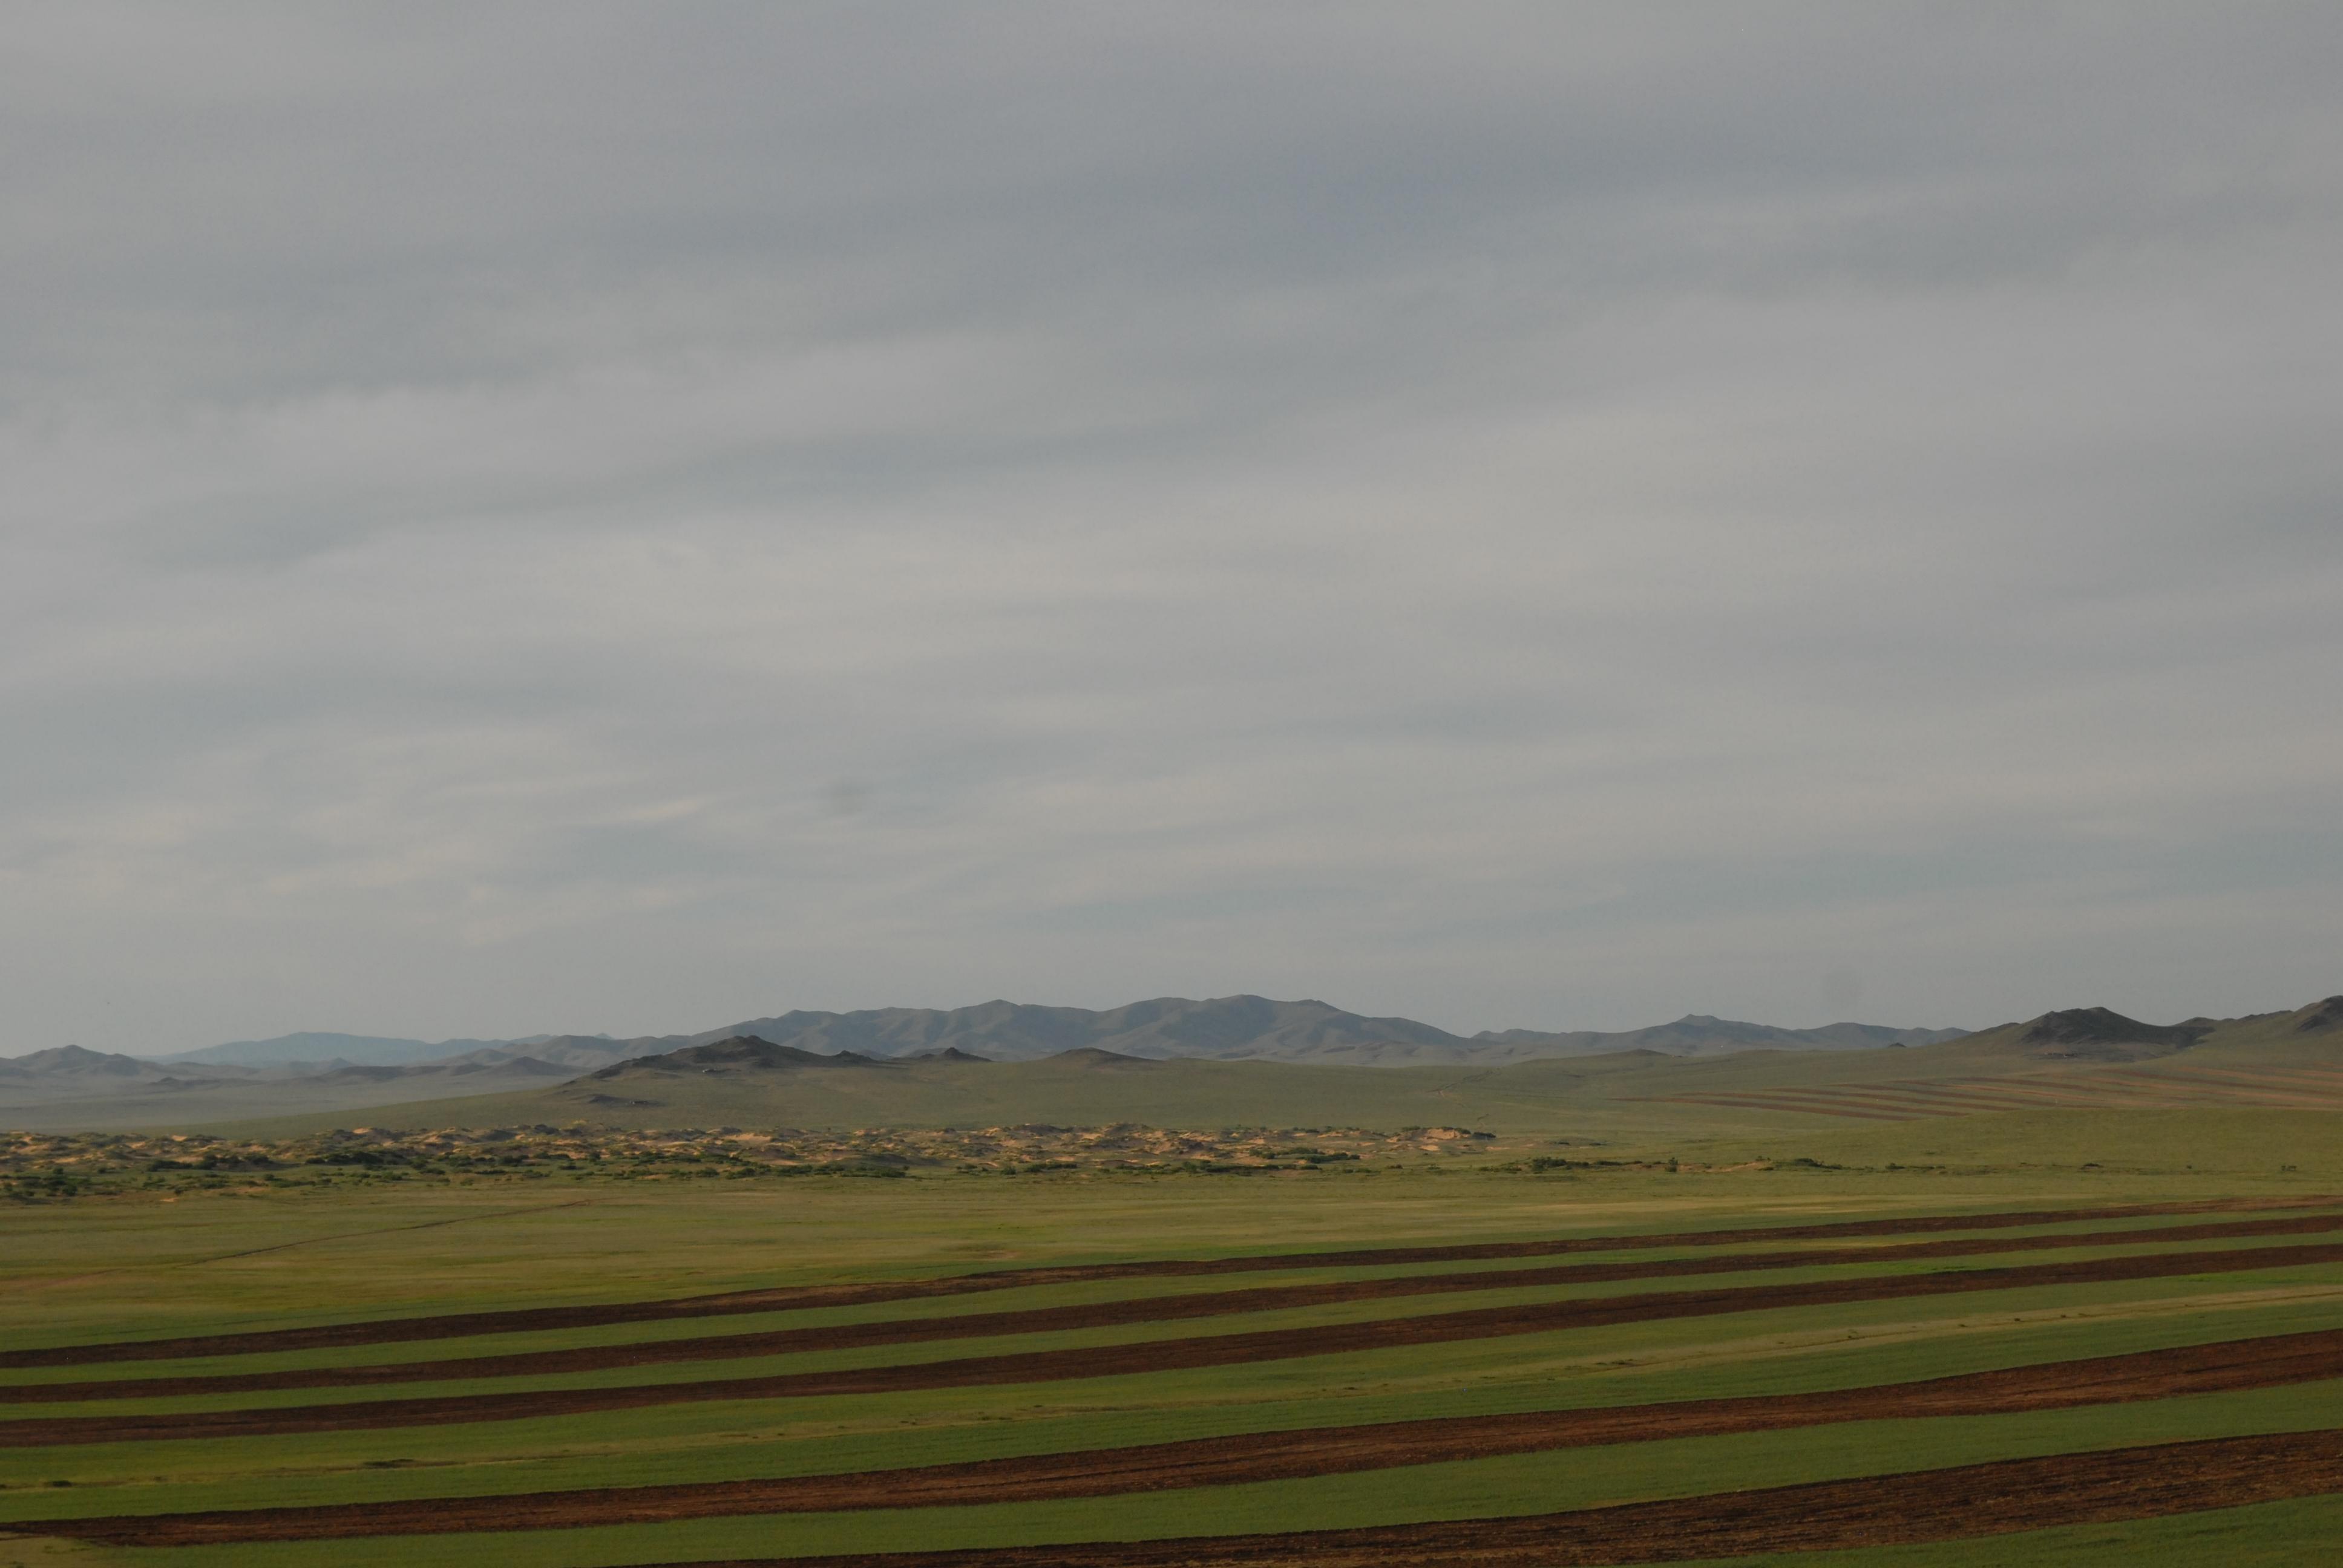 Géographie de la Mongolie